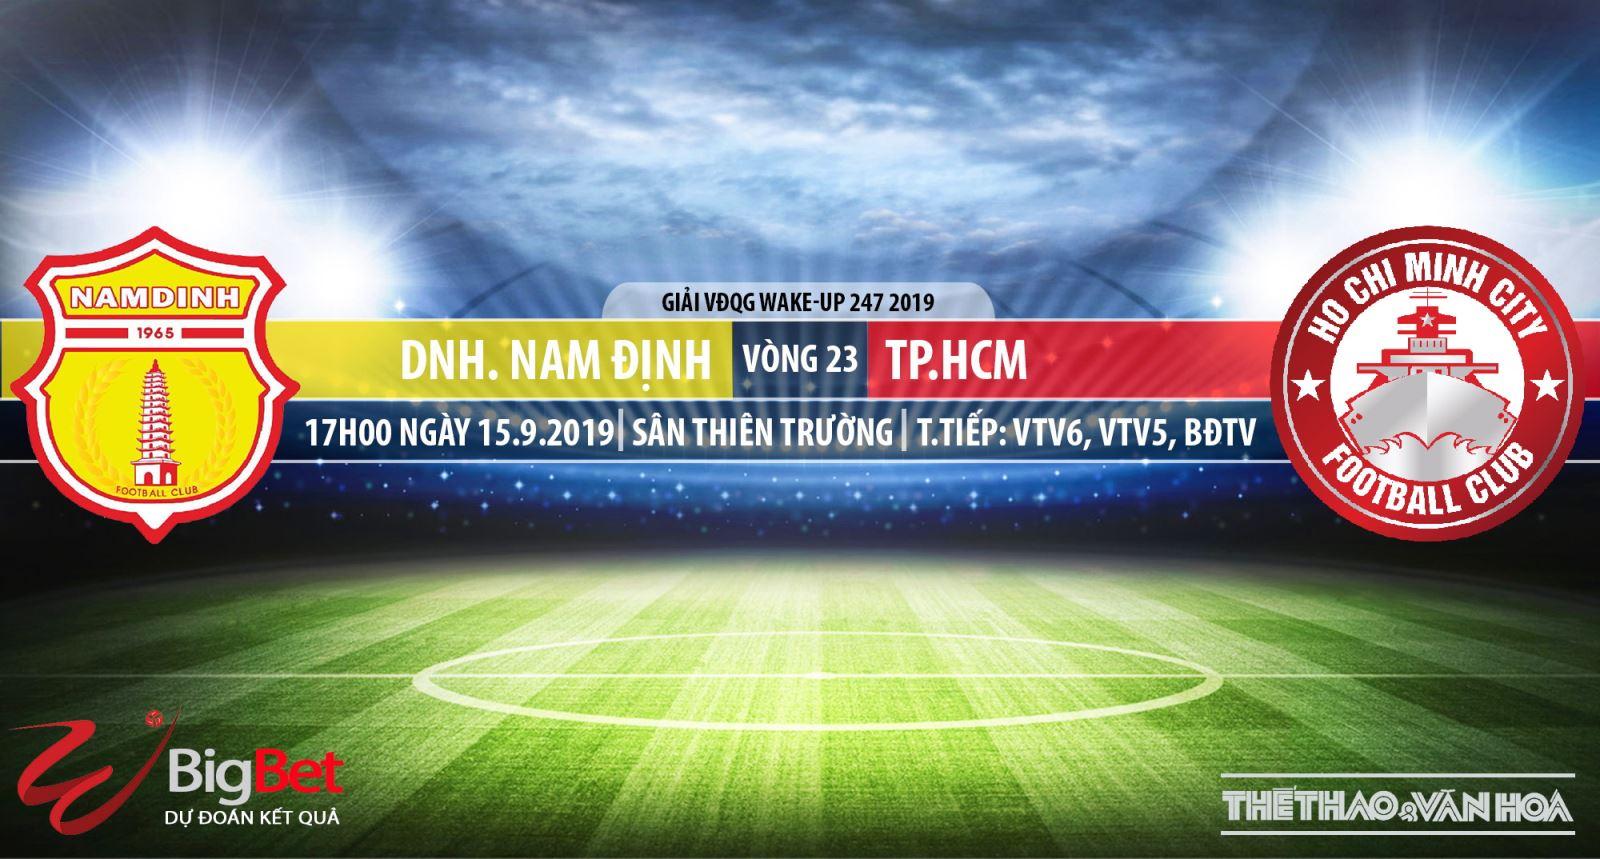 truc tiep bong da hôm nay, Nam Định đấu với TPHCM, trực tiếp bóng đá, VTV6, Nam Định vs TPHCM, xem bong da truc tiep, BĐTV, xem bong da truc tuyen, VTV5, FPT Play